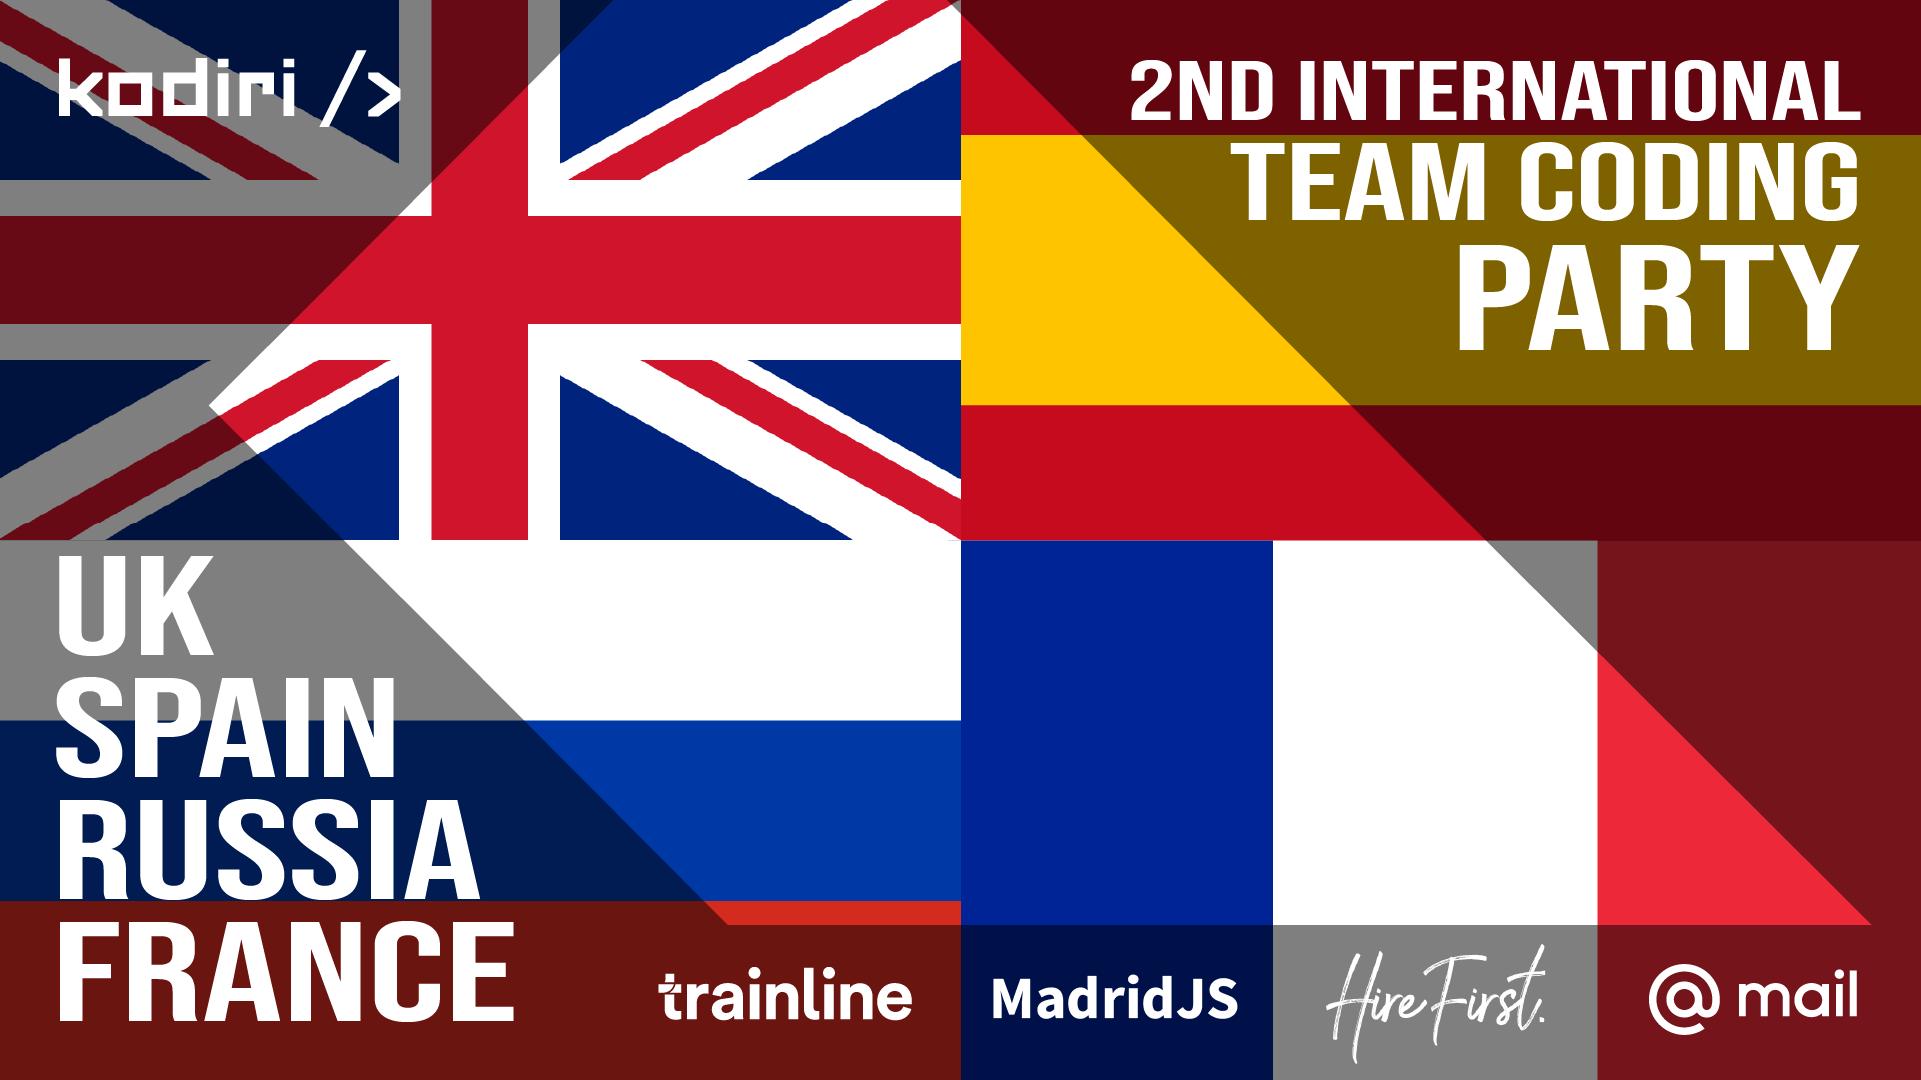 В Москве пройдет дружеское соревнование по JavaScript — International Team Coding Party - 1